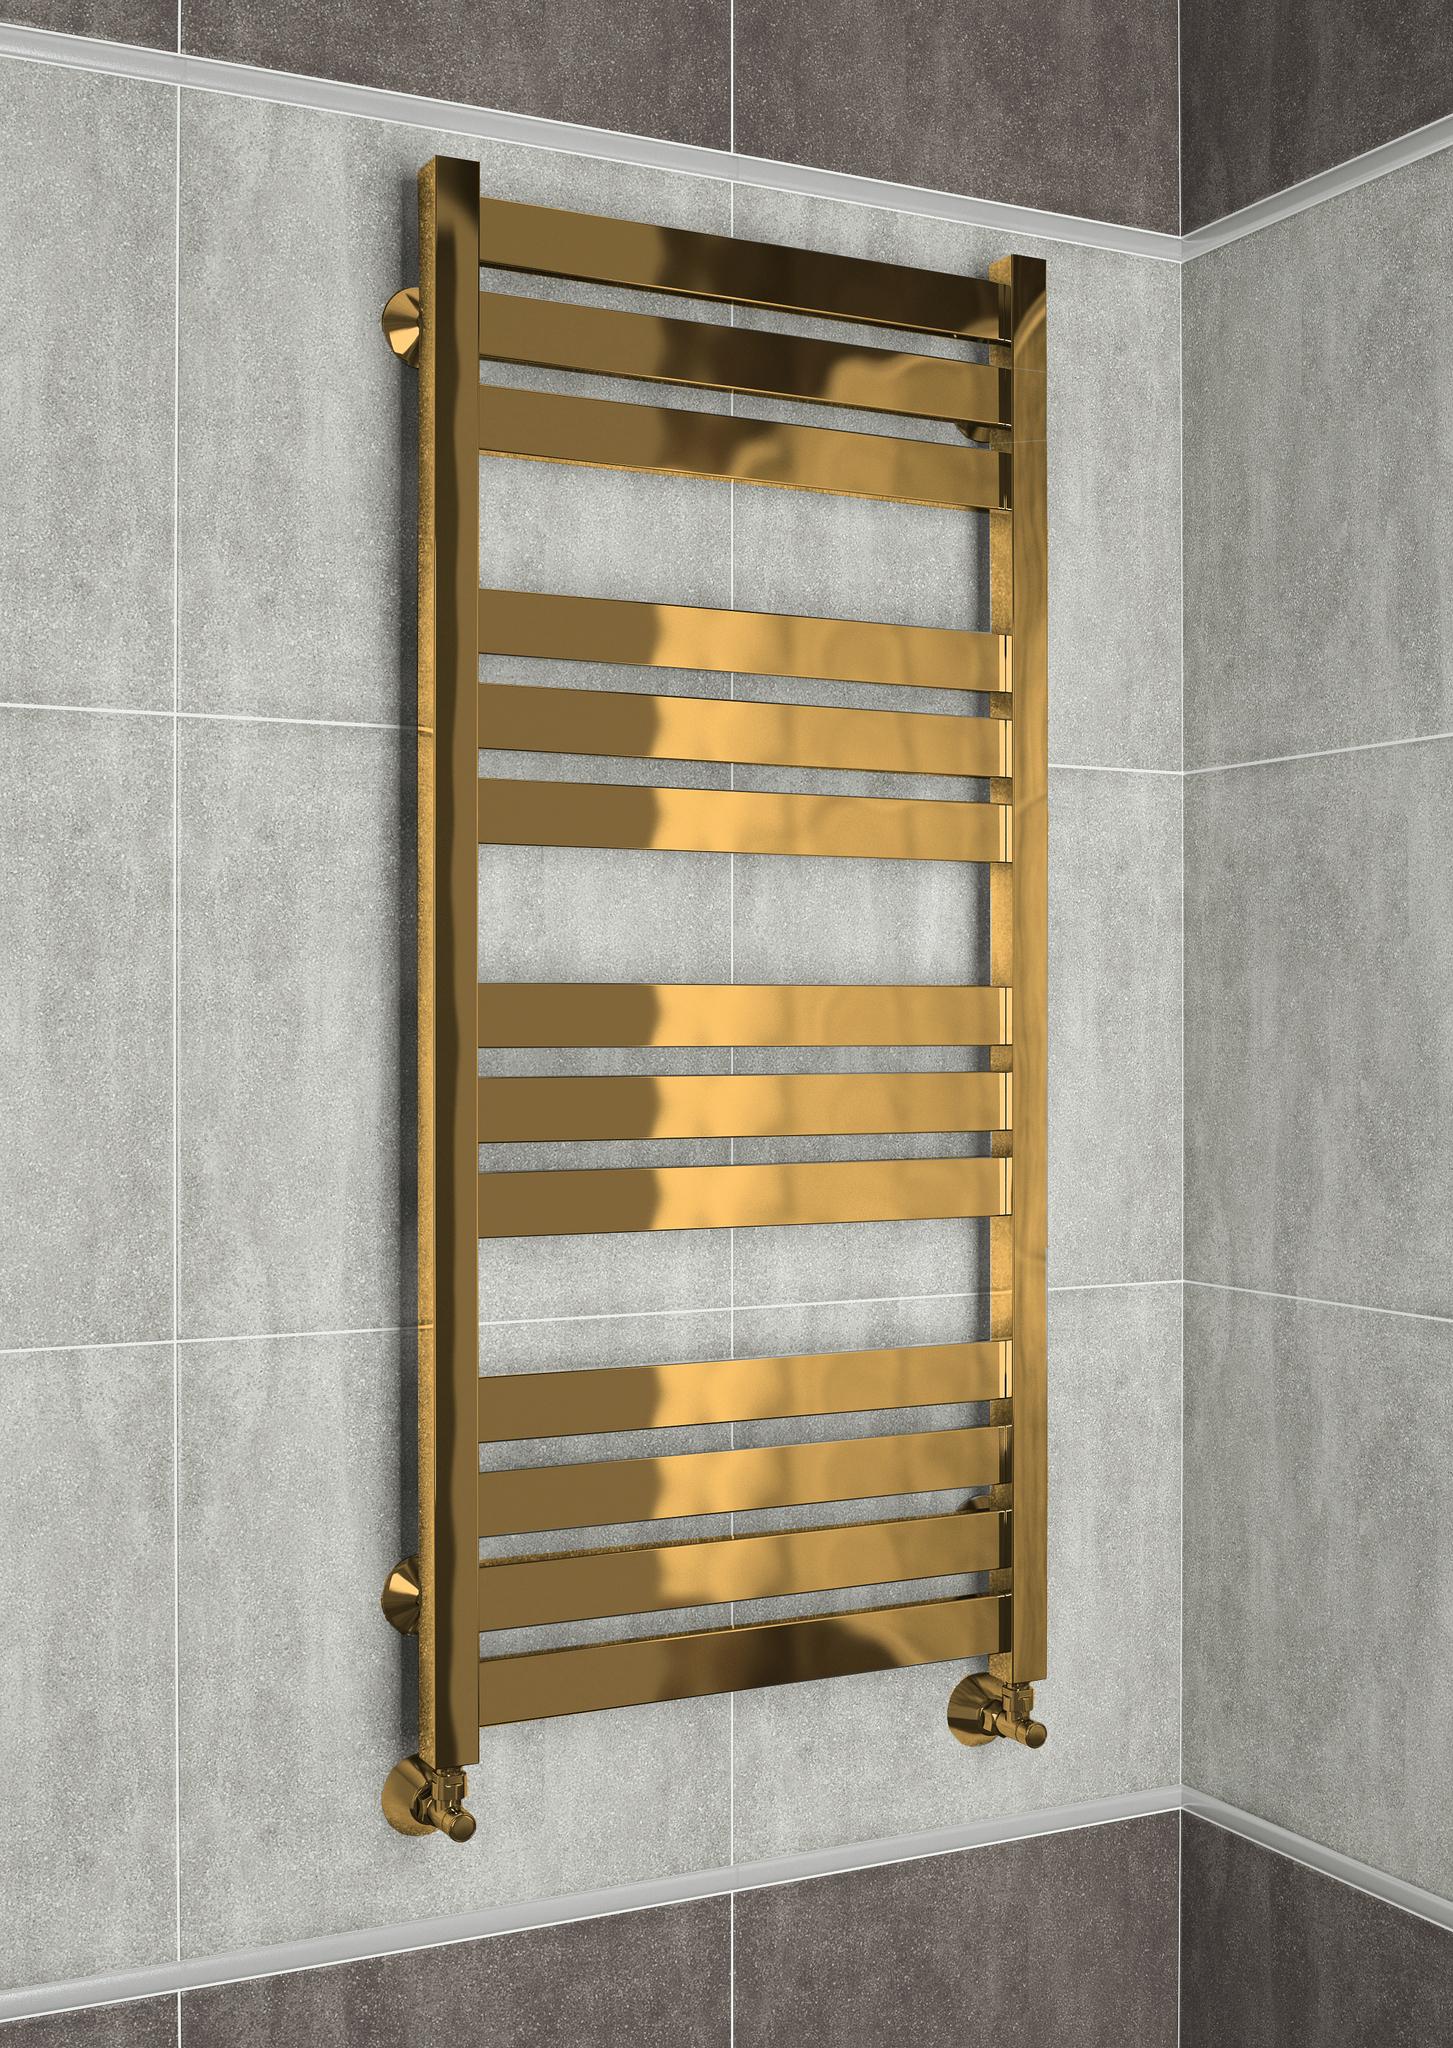 Latte Bronze - бронзовый дизайн полотенцесушитель с квадратными вертикалями.